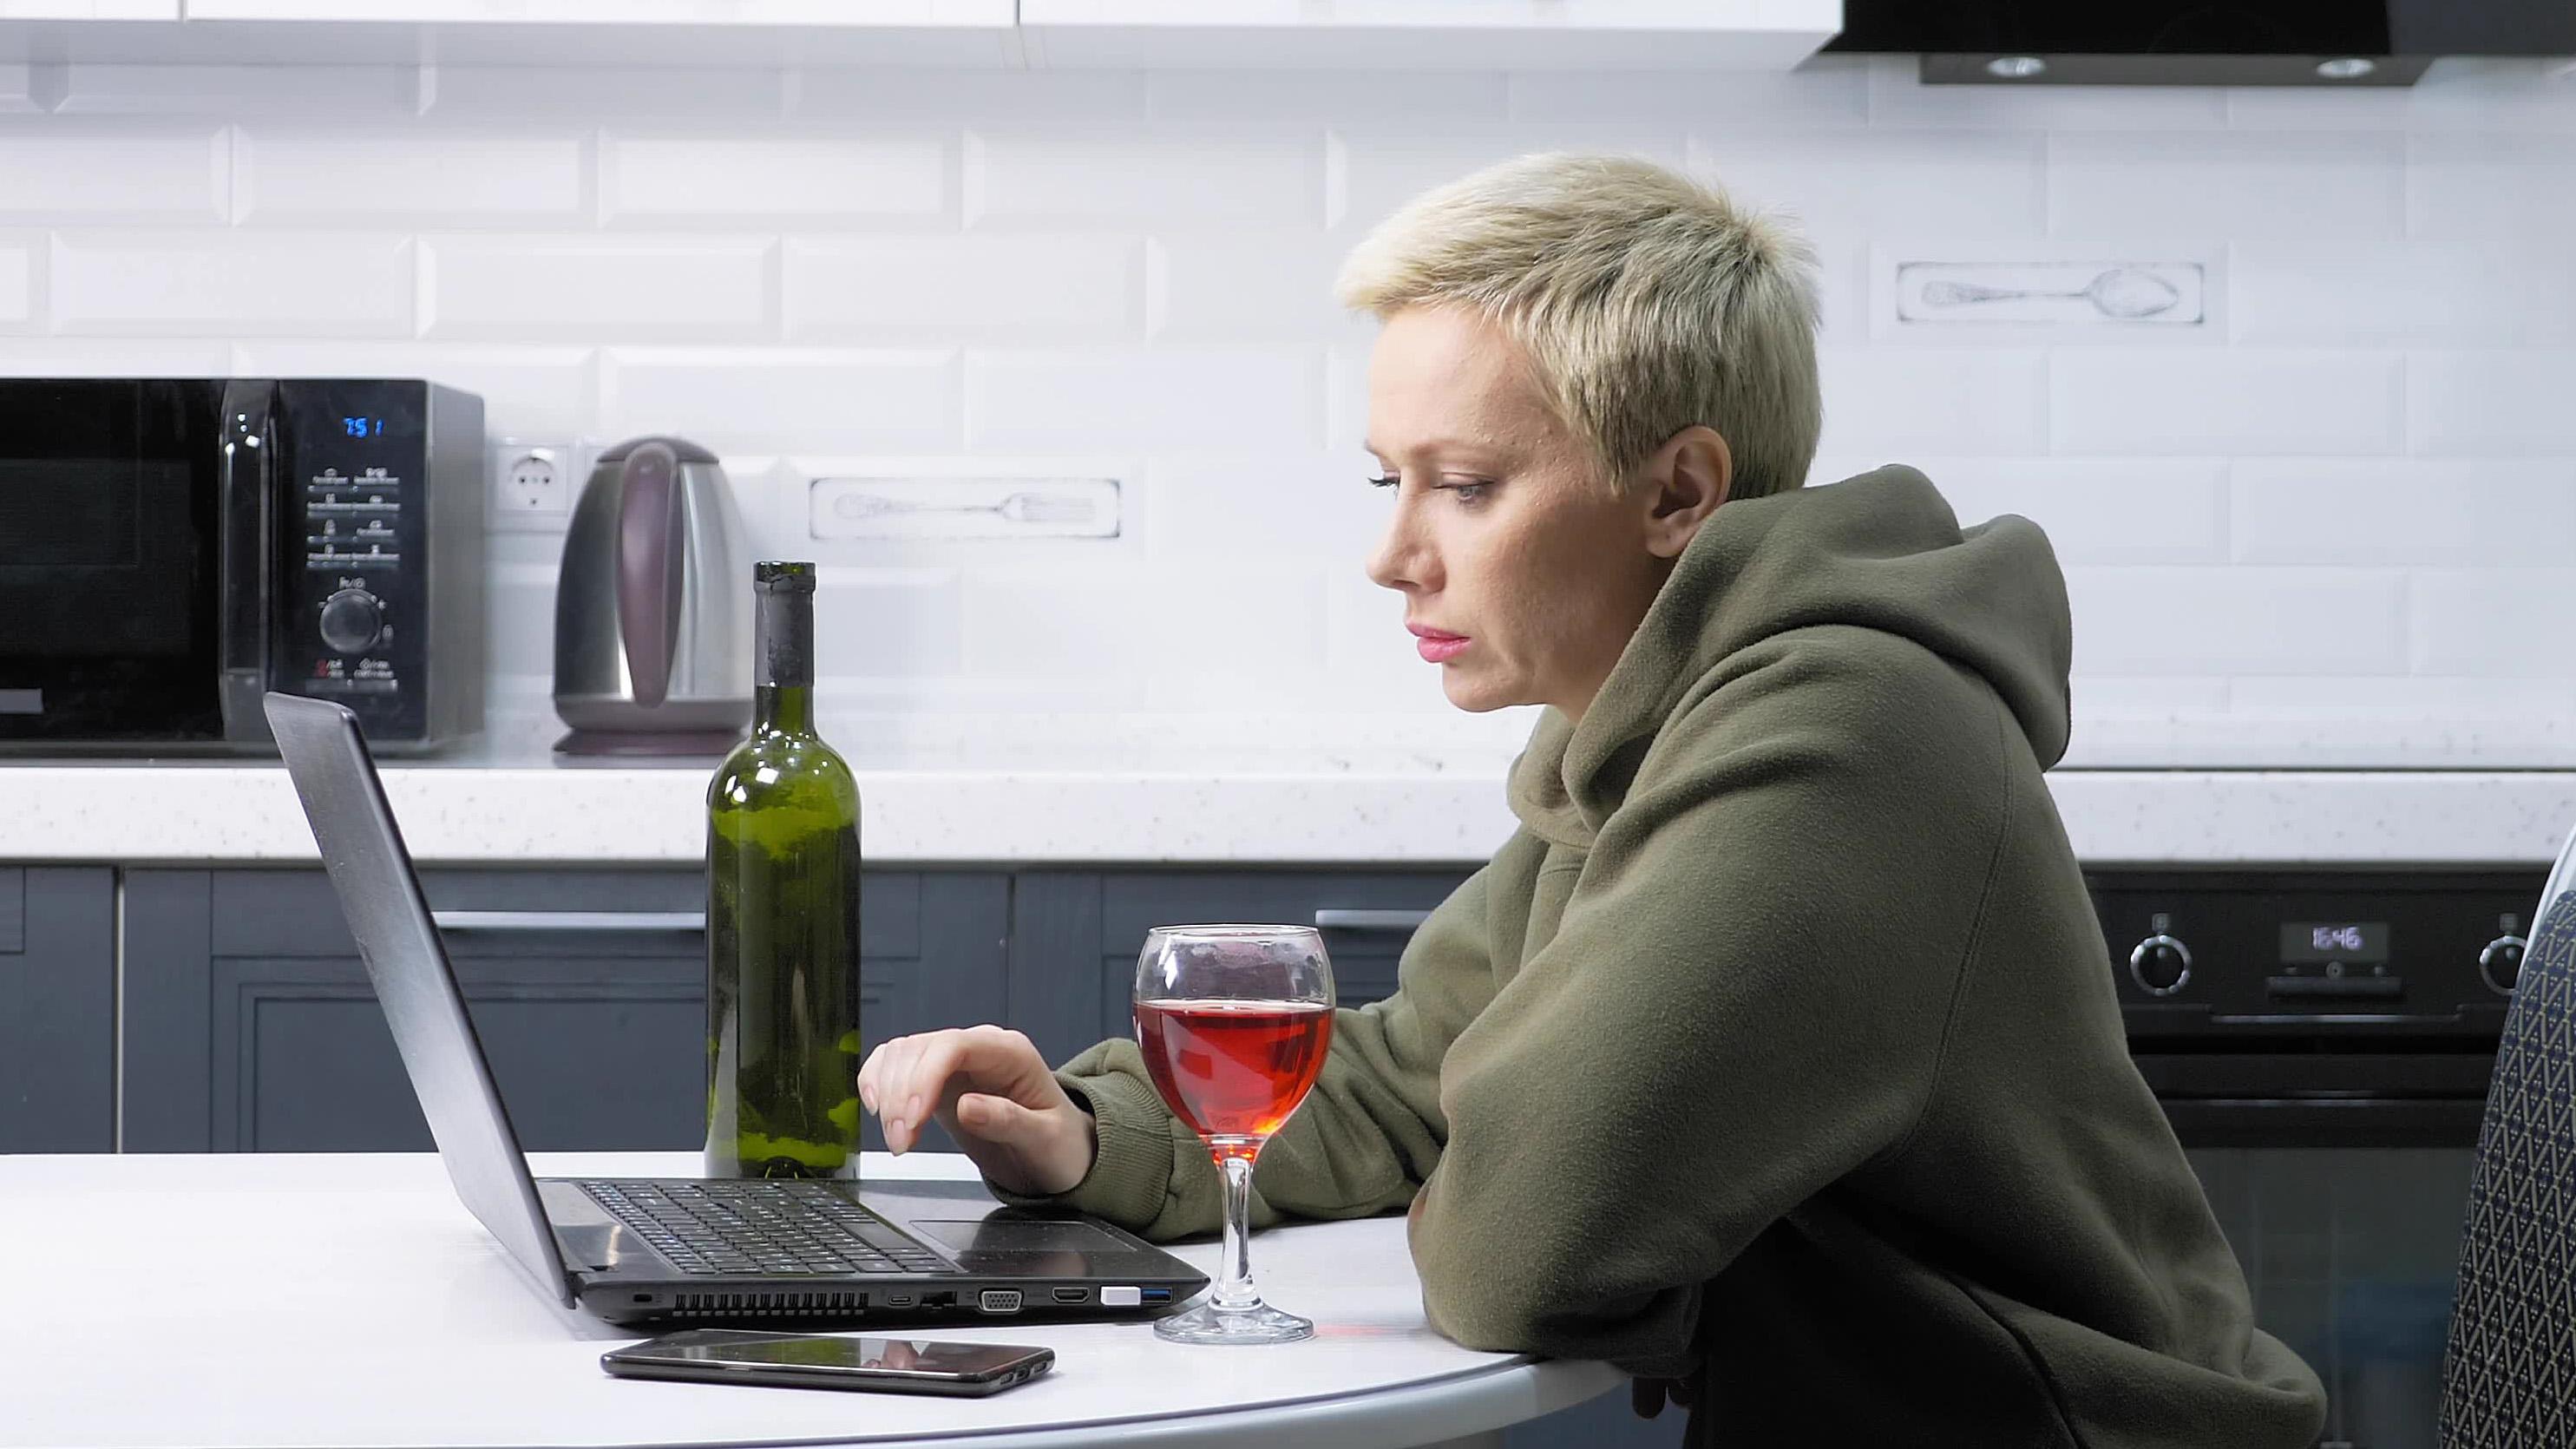 Une femme utilise un ordinateur portable et boit du vin dans la cuisine.